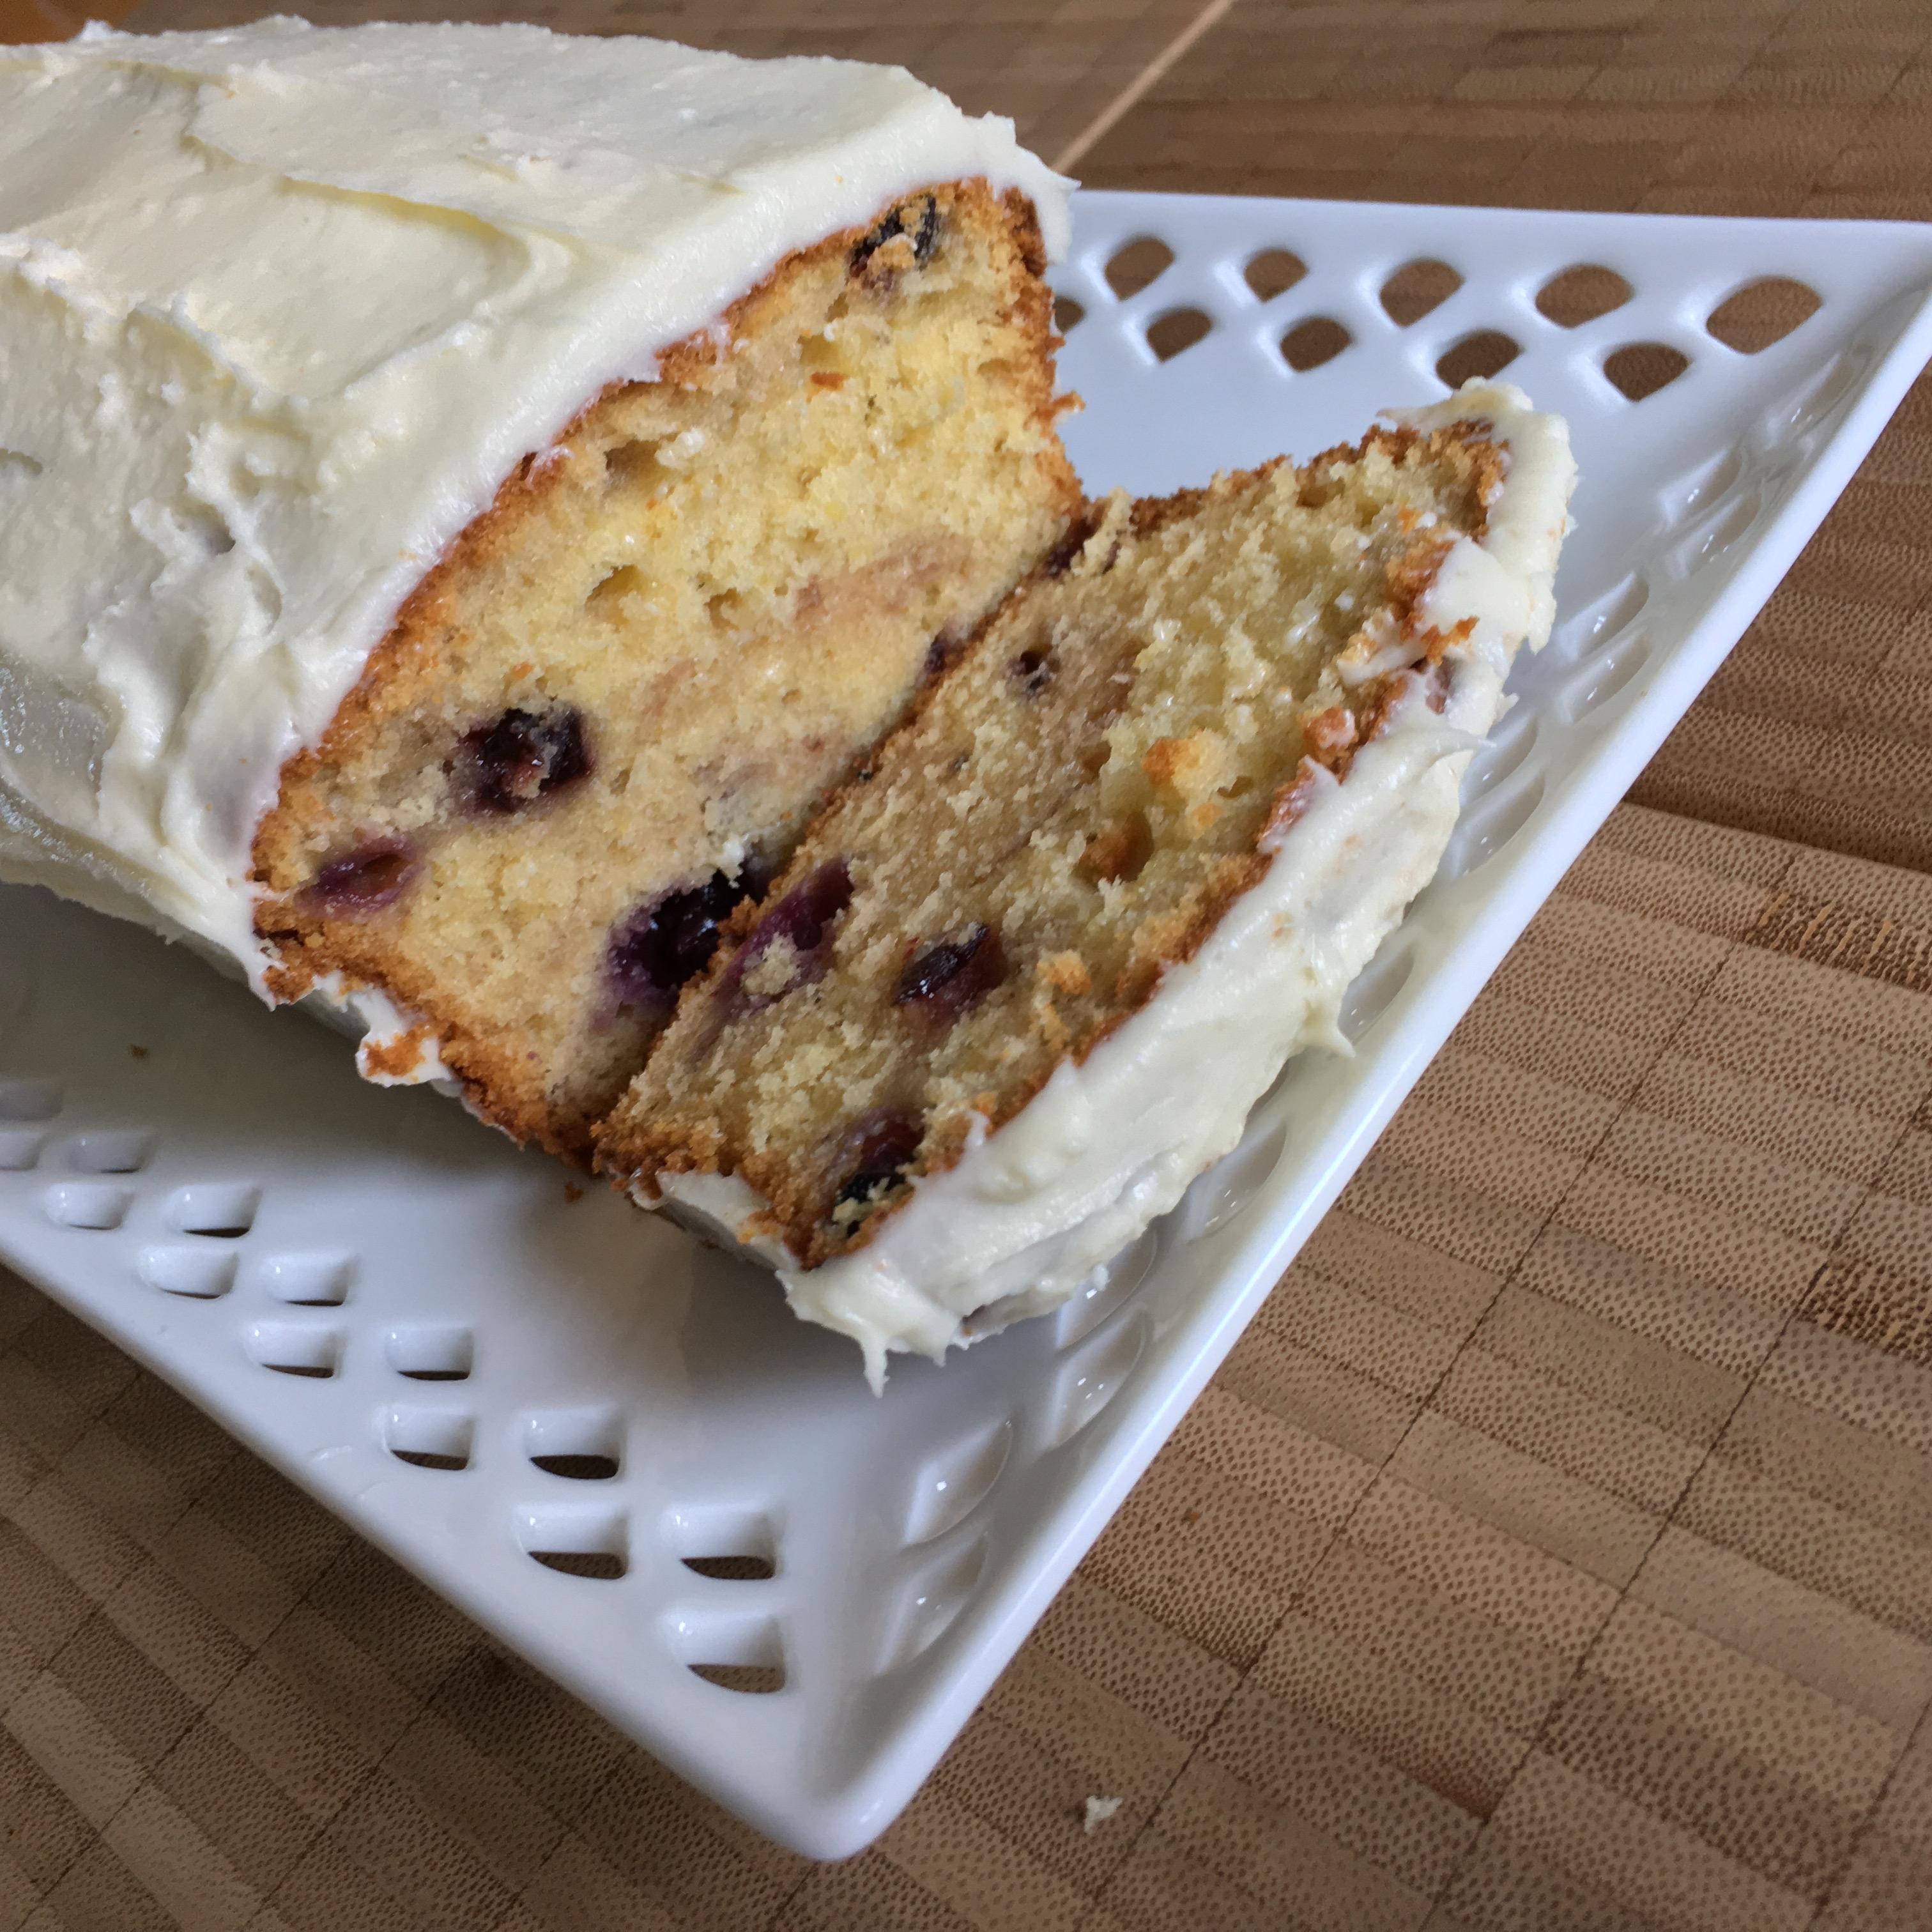 blueberries, blueberries… in a lemon cake!